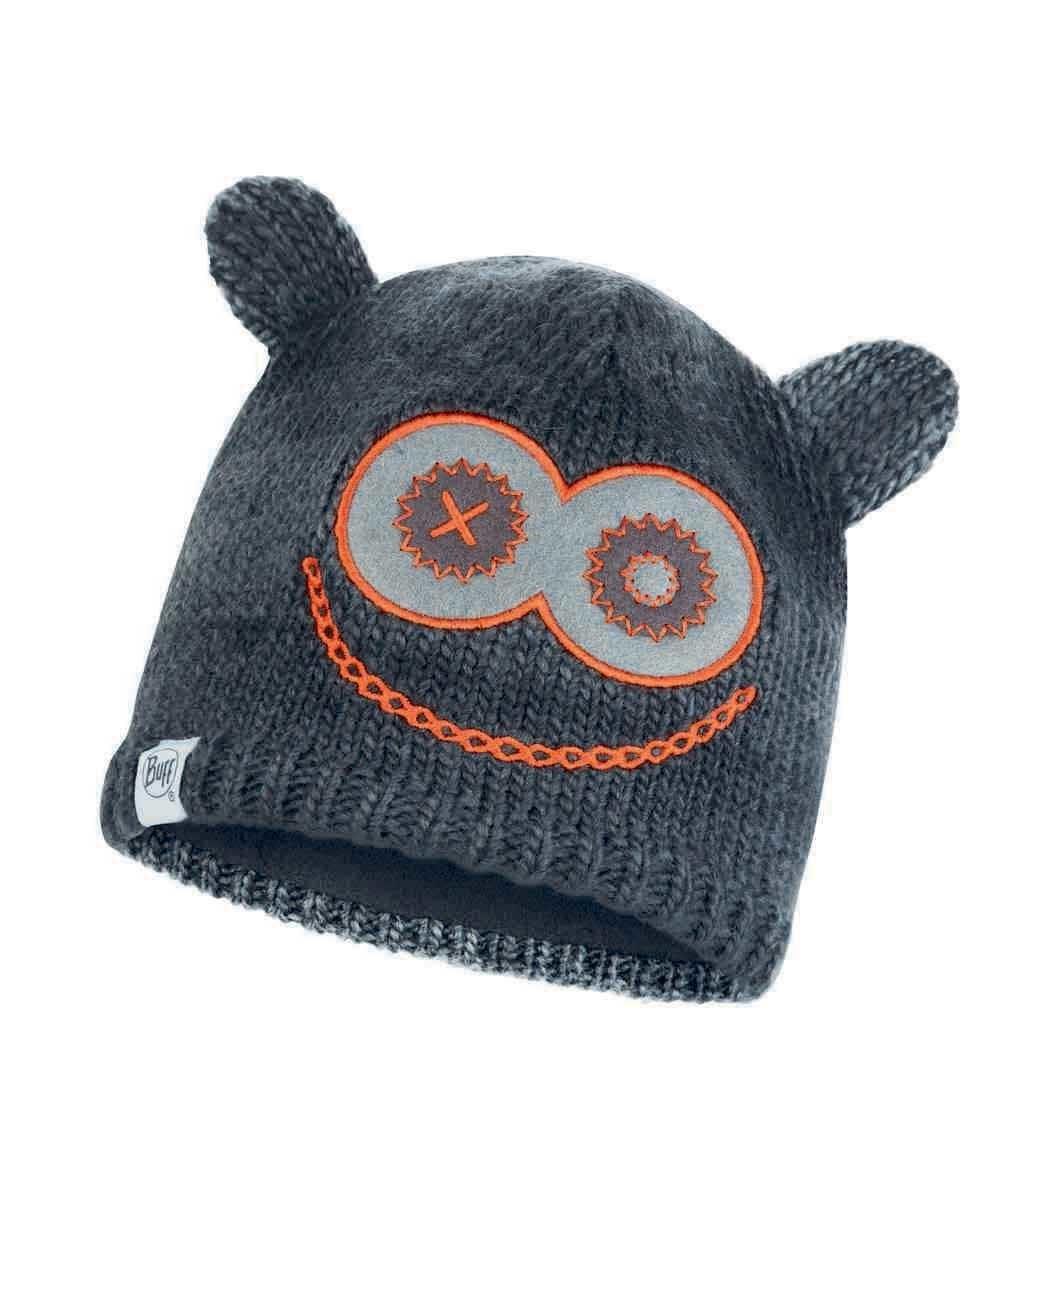 Детские шапки Вязаная шапка с флисовой подкладкой детская Buff Hat Knitted Polar Monster Jolly Black 113452.999.10.00.jpg